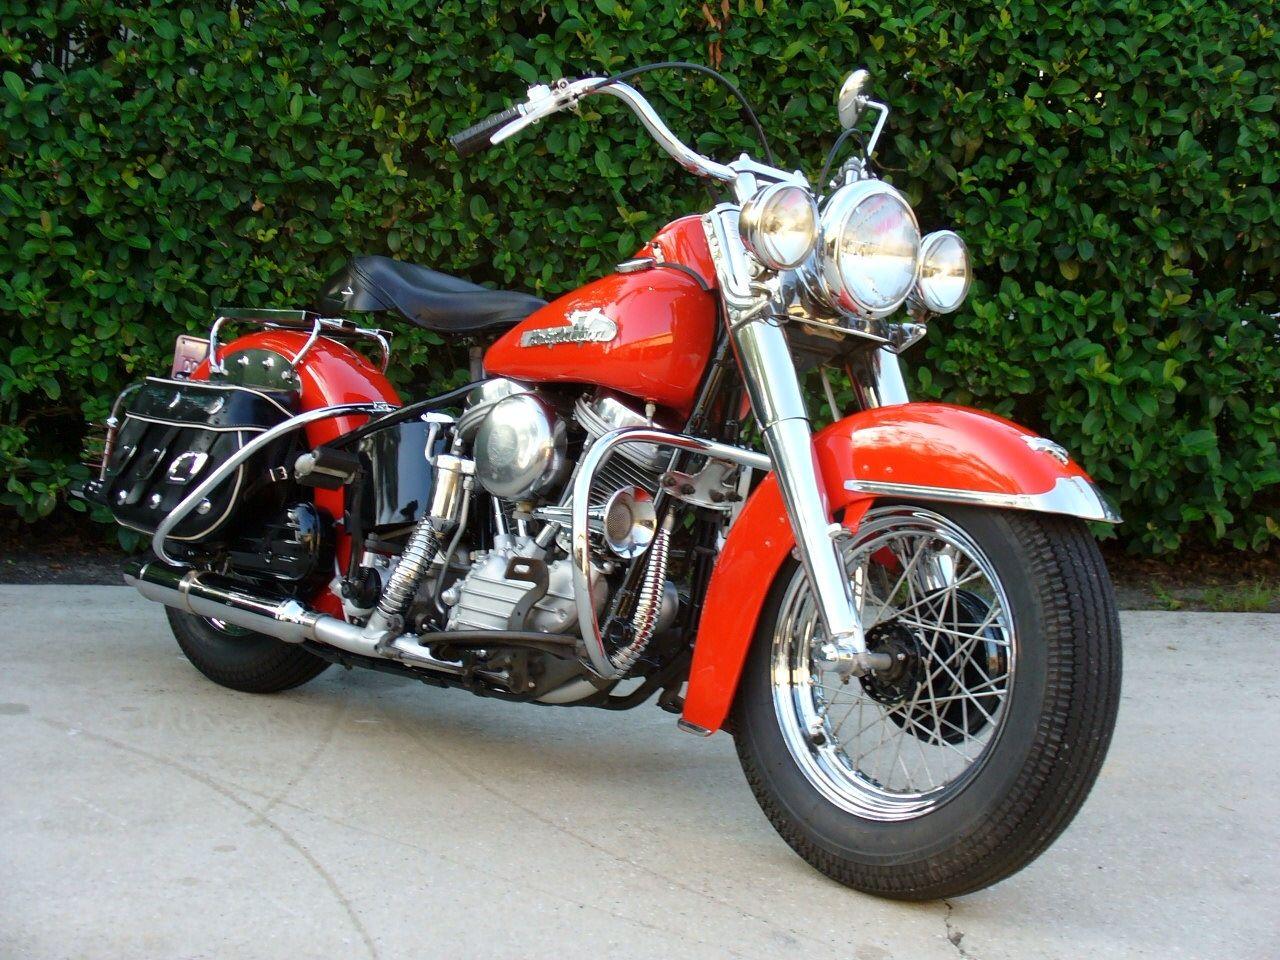 1955 Flh Model Harley Davidson Bikes Harley Davidson Dyna Super Glide Harley Davidson Motorcycles